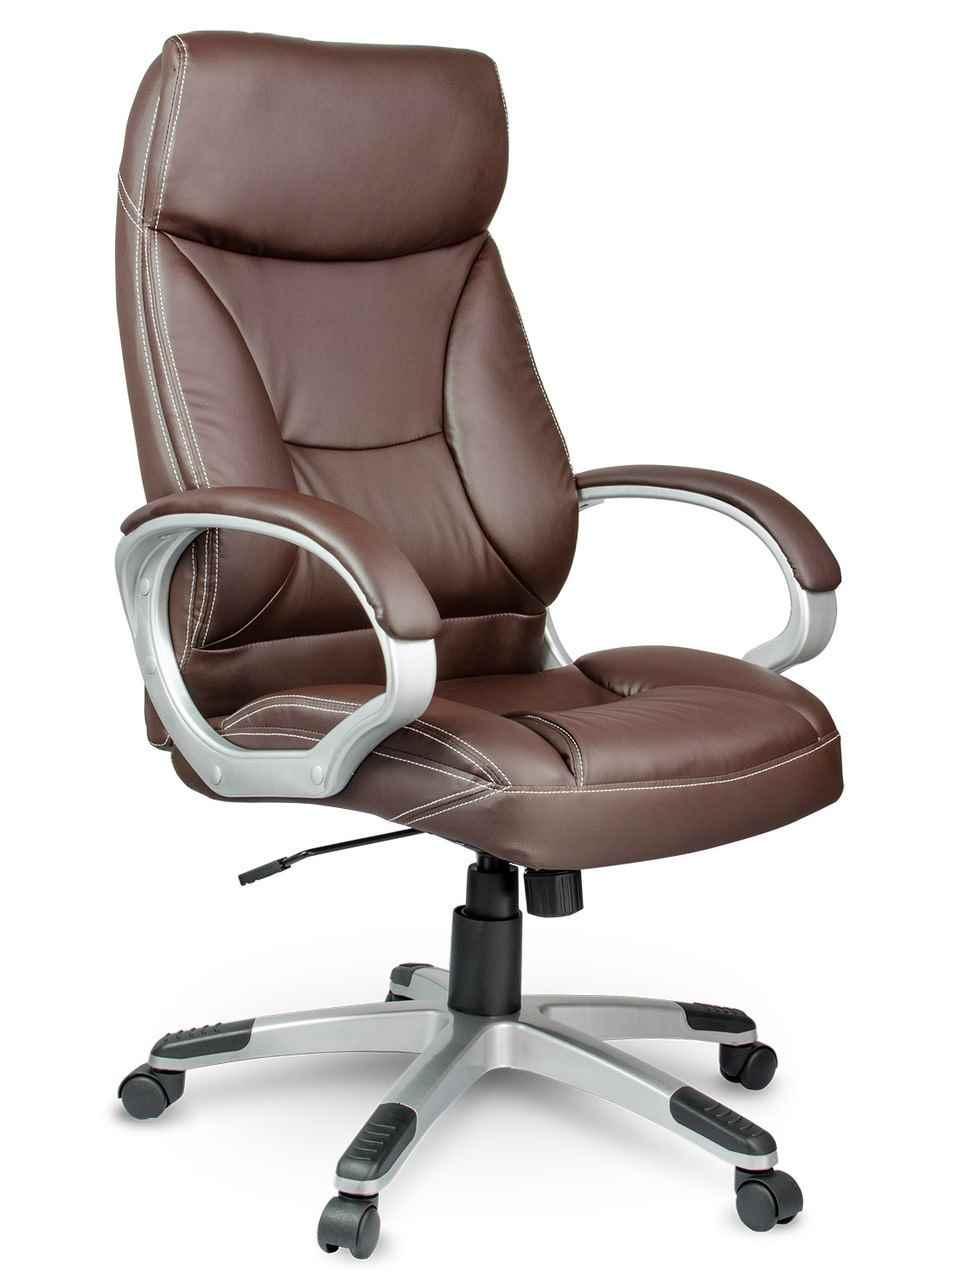 Красивое компьютерное кресло фото, картинки 01